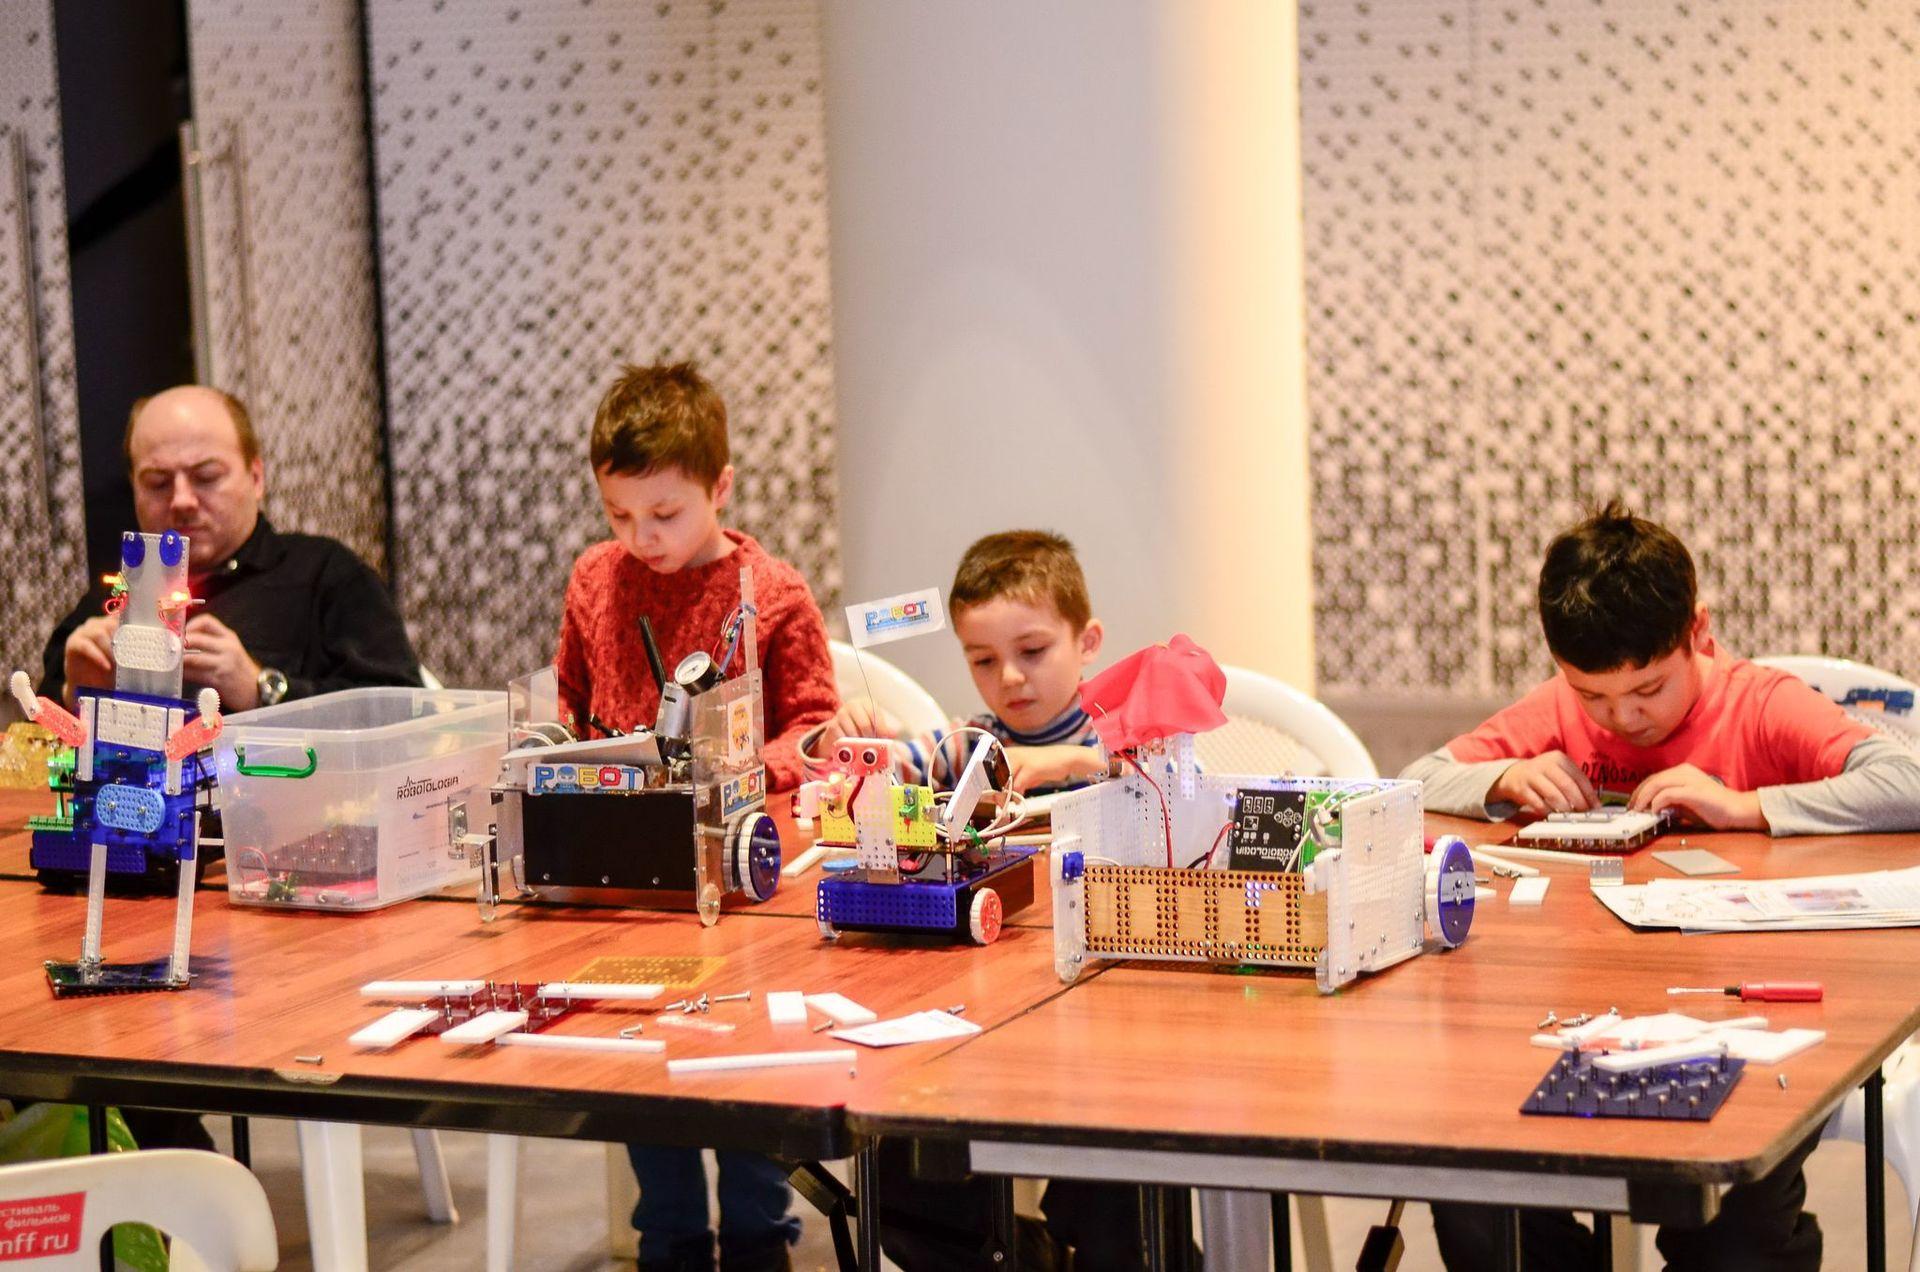 Фестиваль Город Технотворчества 2016, или как привлечь детей к технике - 21